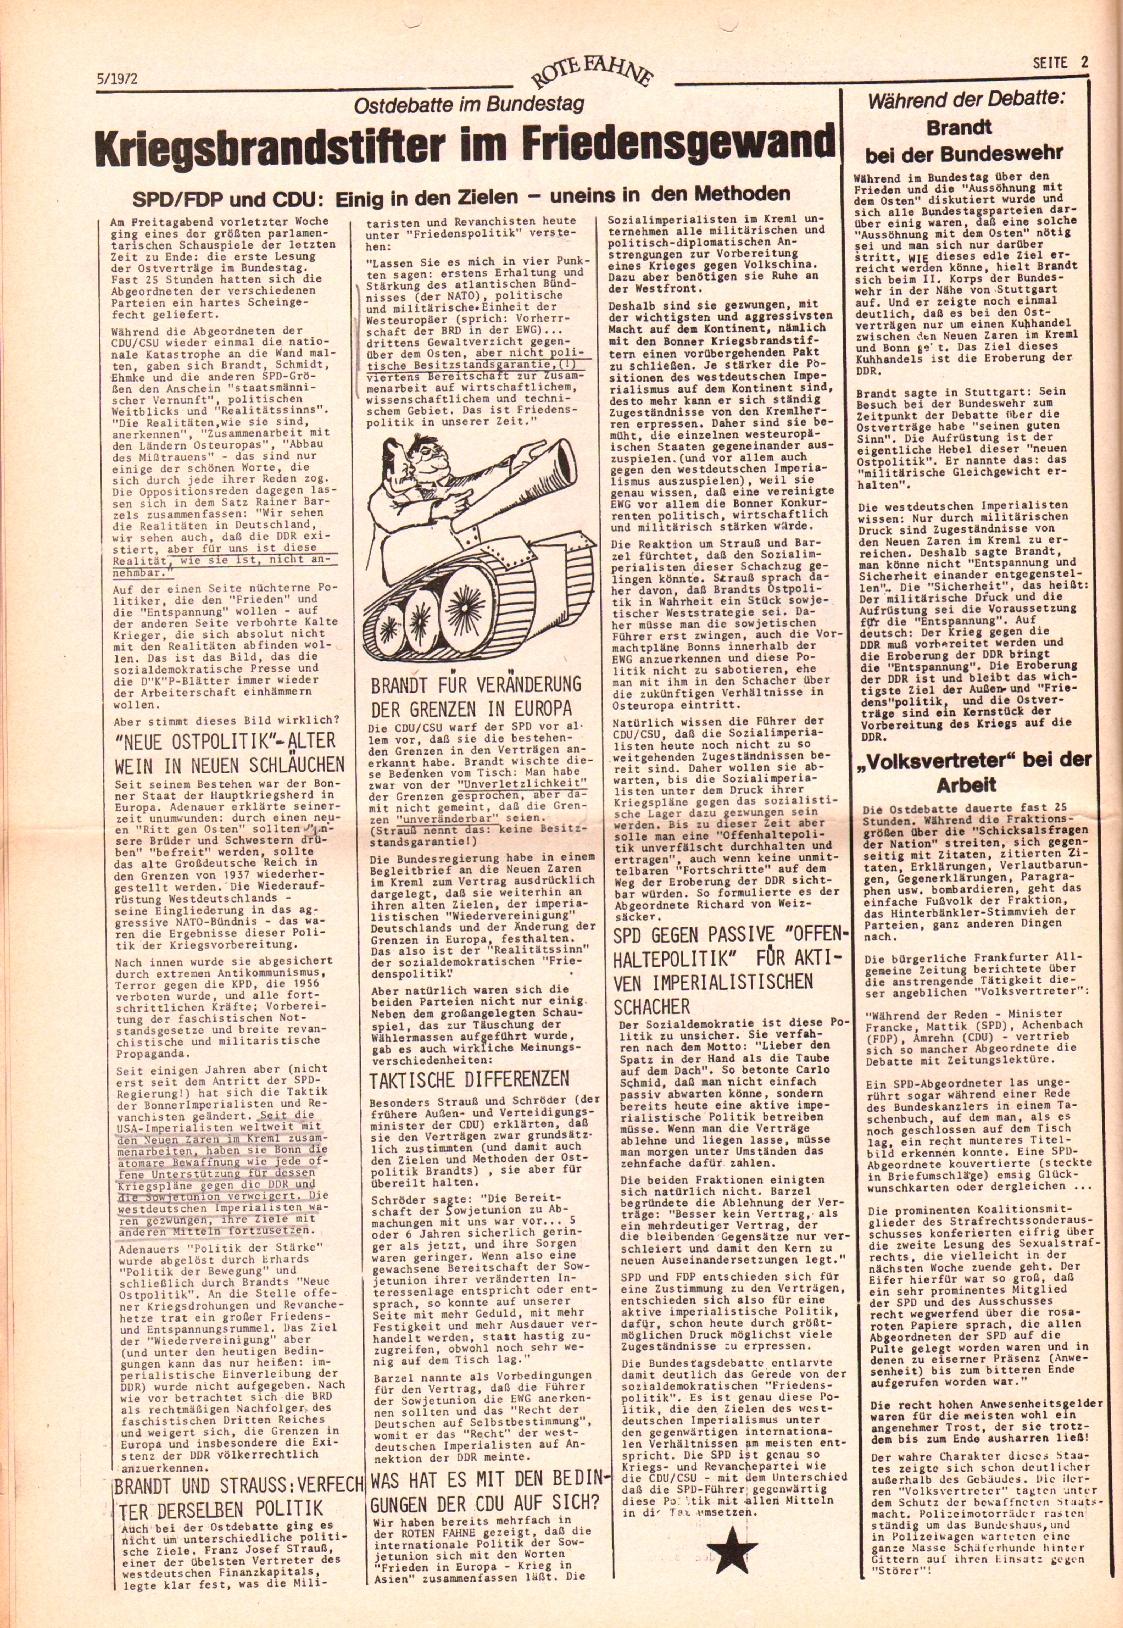 Rote Fahne, 3. Jg., 6.3.1972, Nr. 5, Seite 2